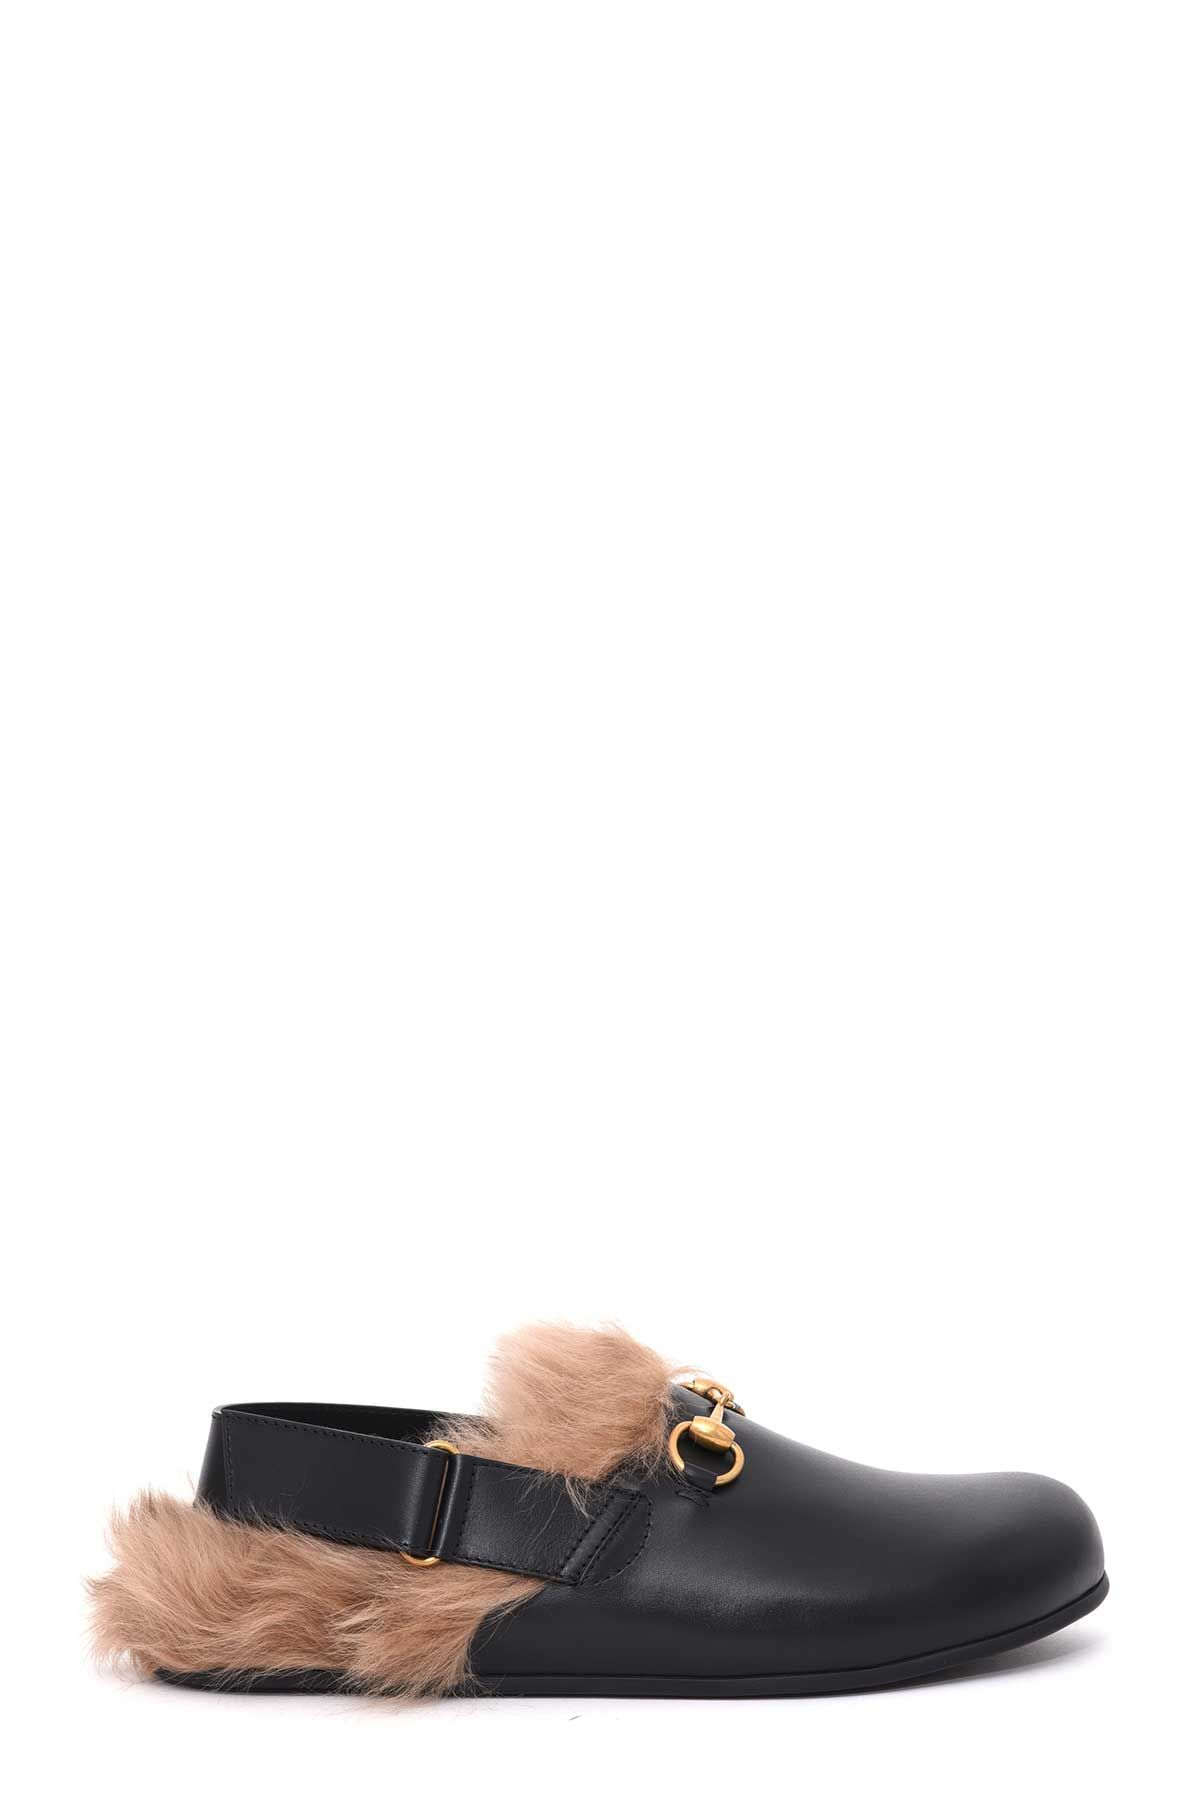 Gucci Gucci Leather Slipper